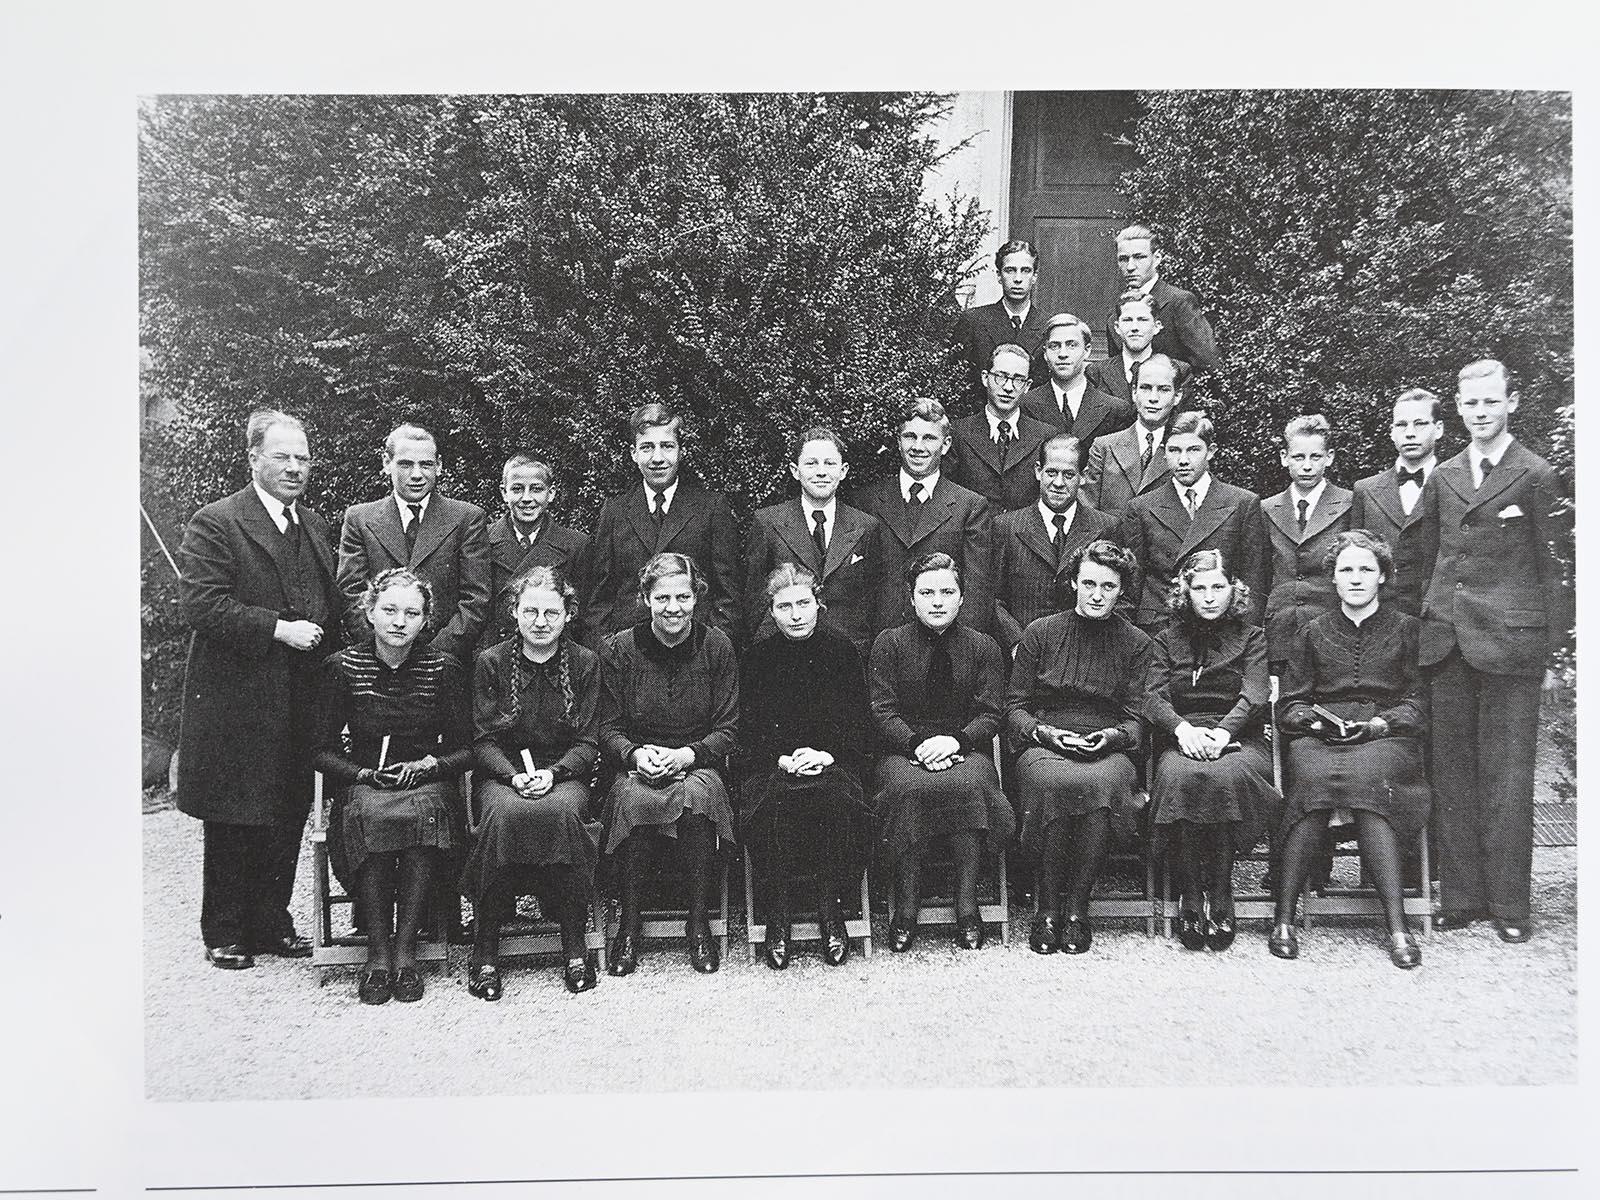 Pfarrer Paul Trautvetter mit der Konfirmandenklasse 1939 vor der Kirche.